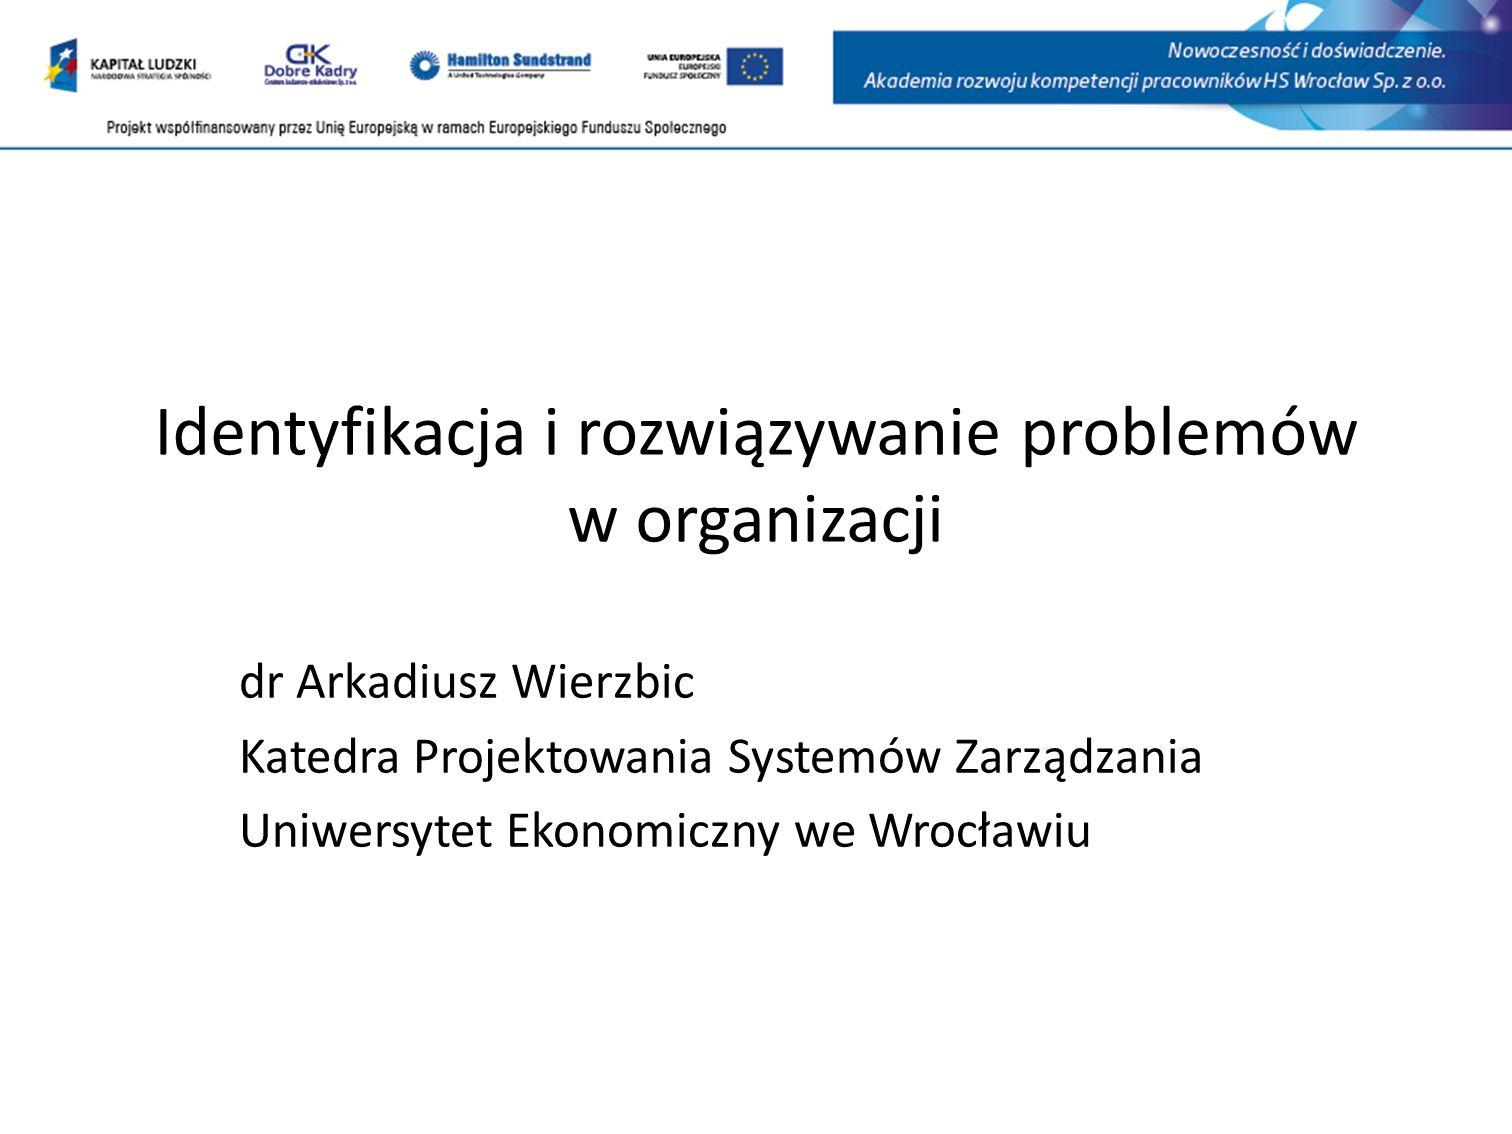 Identyfikacja i rozwiązywanie problemów w organizacji